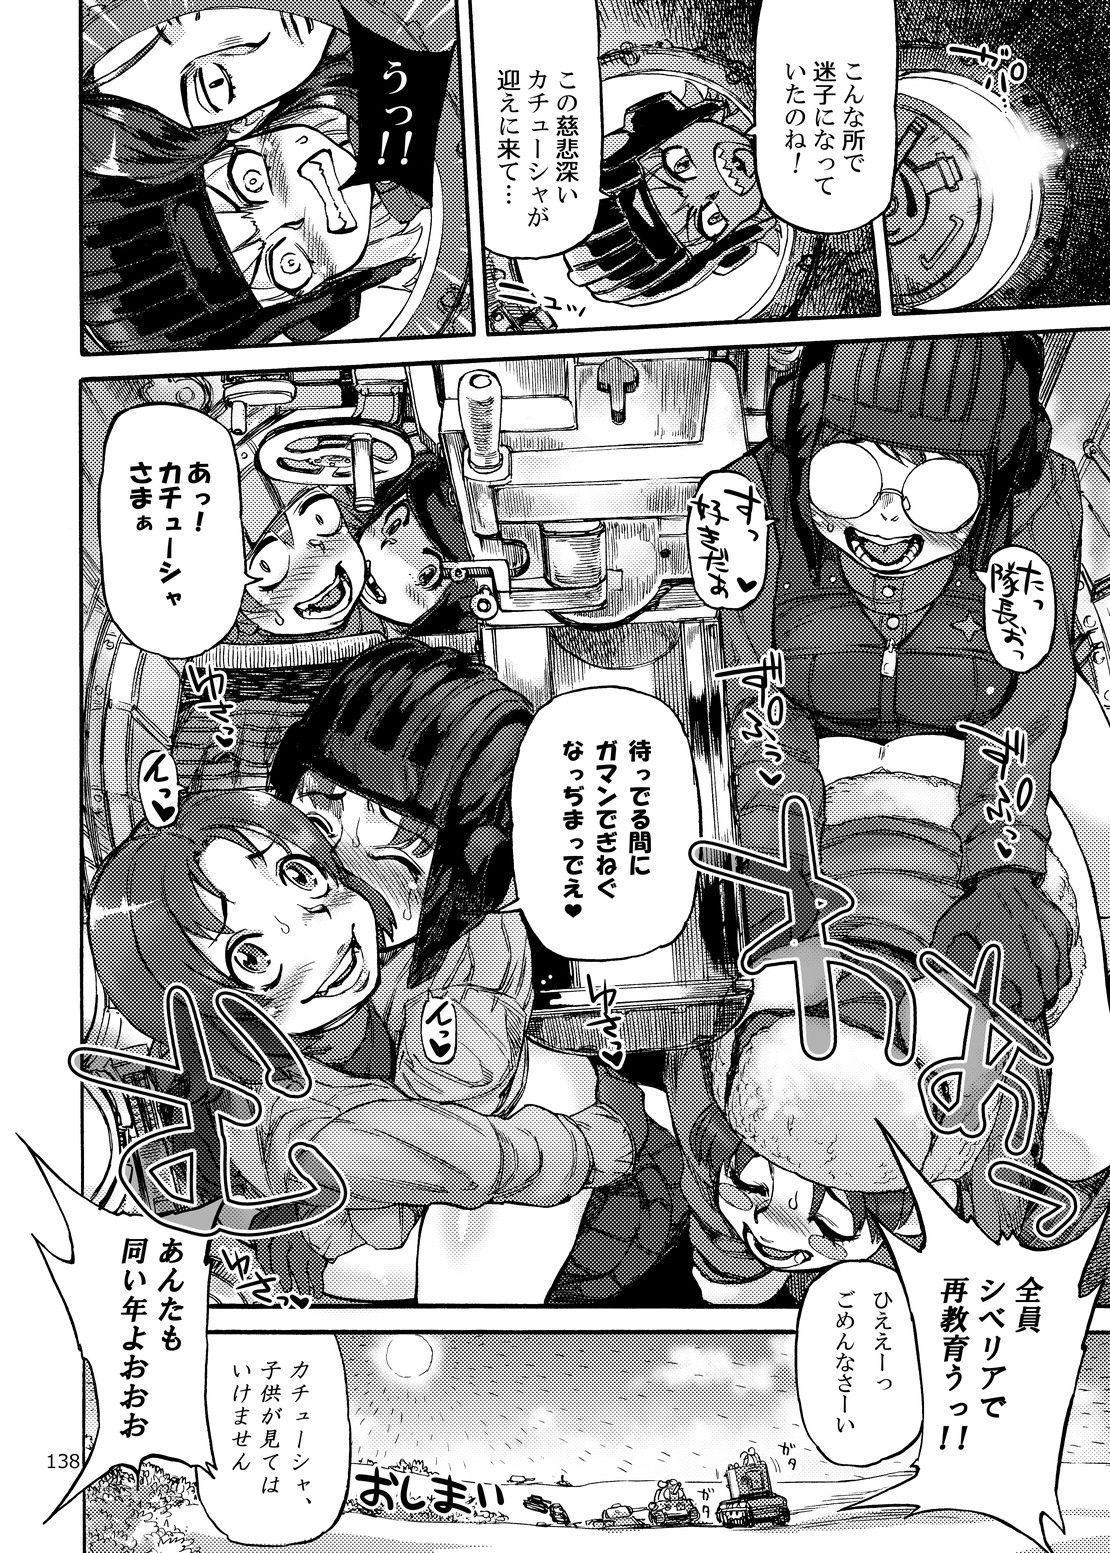 Shikibo Natsu 137